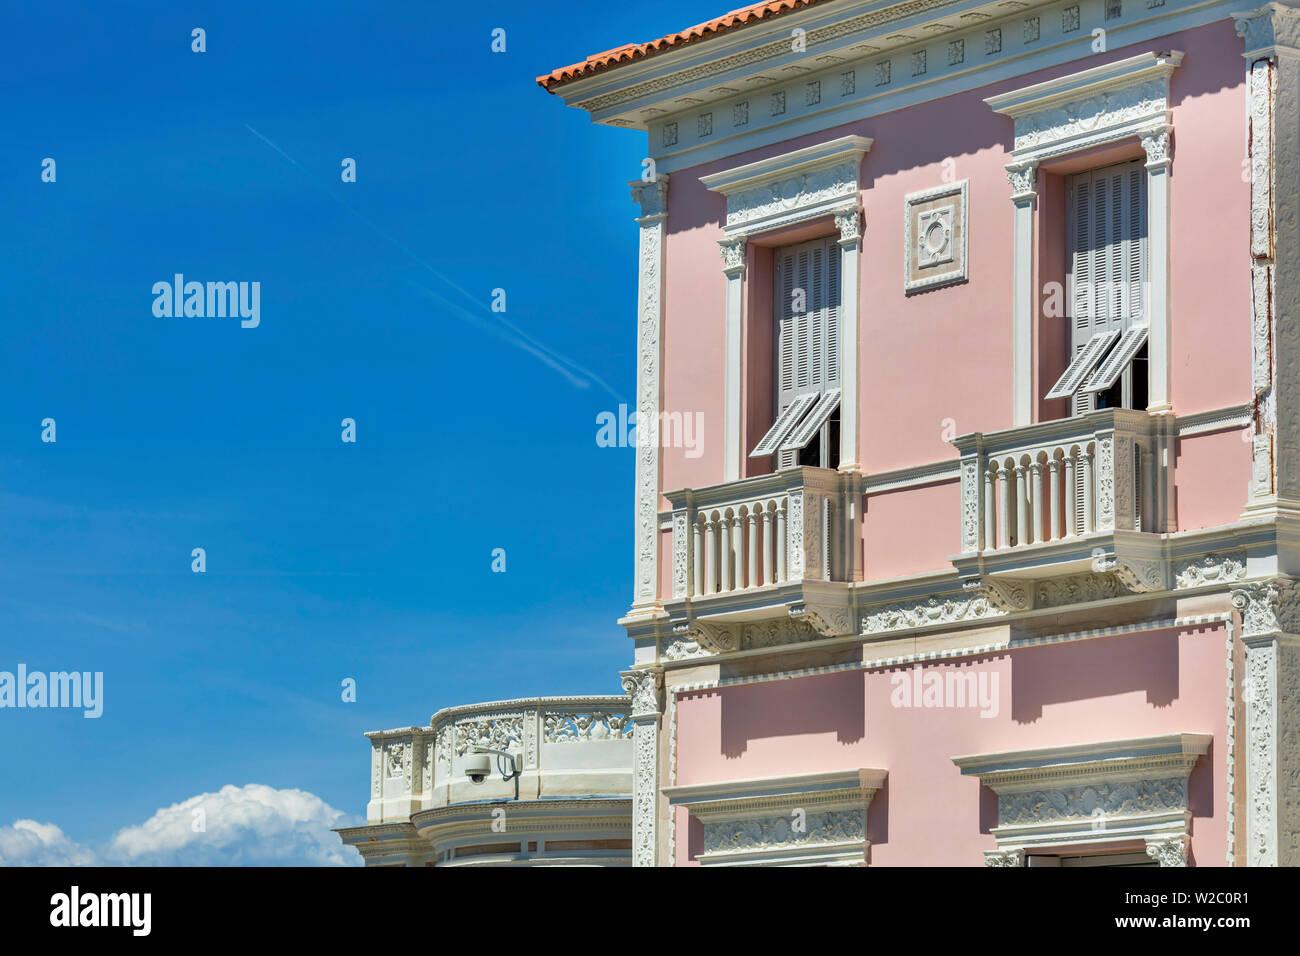 Villa Ephrussi de Rothschild, villa Ile-de-France, Saint-Jean-Cap-Ferrat, French Riviera, Alpes-Maritimes department, France - Stock Image